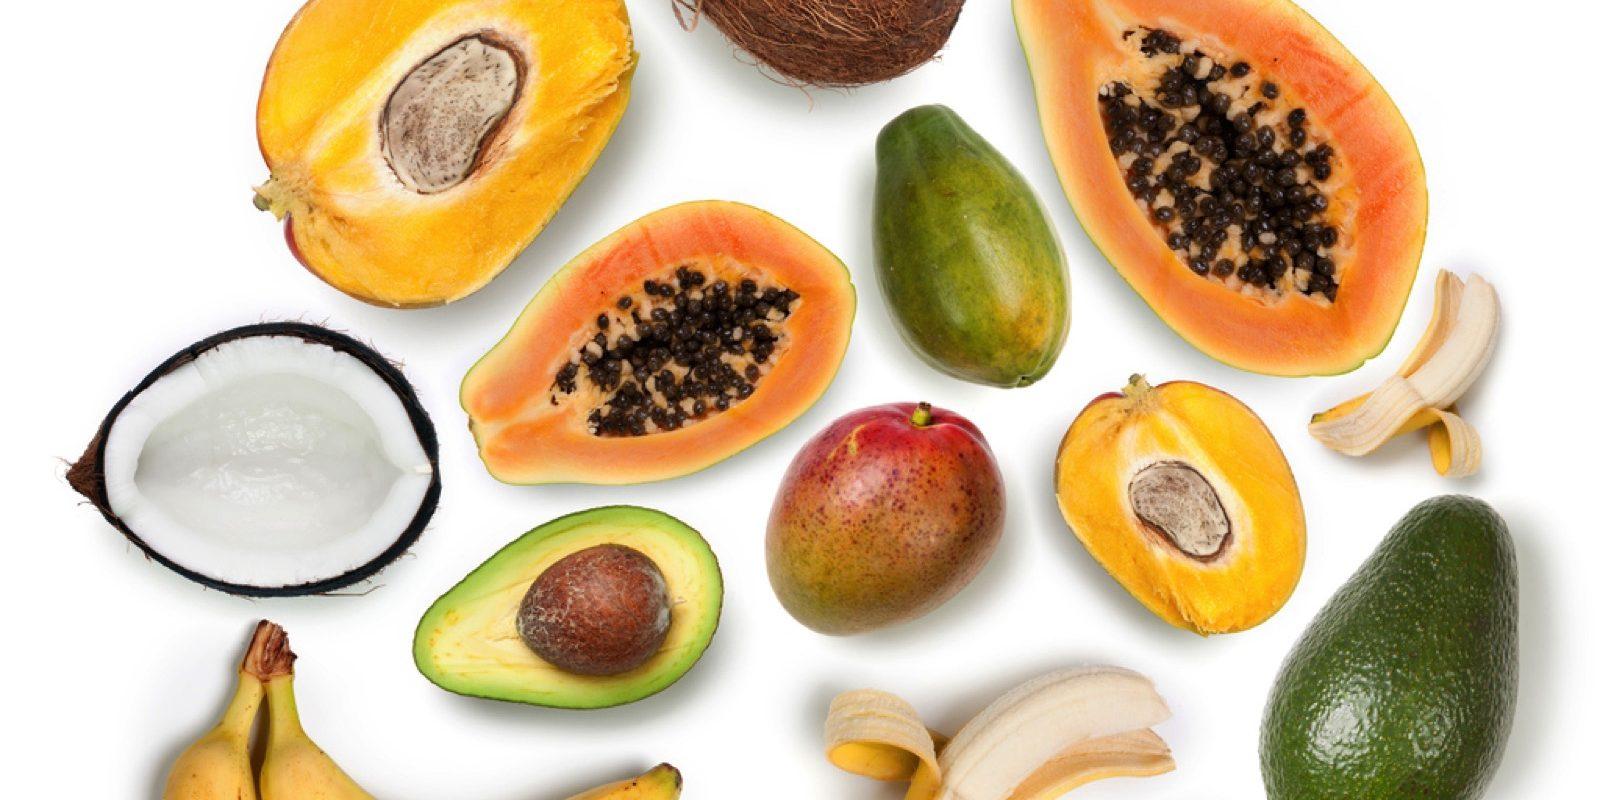 frutta-esotica1-1600x800